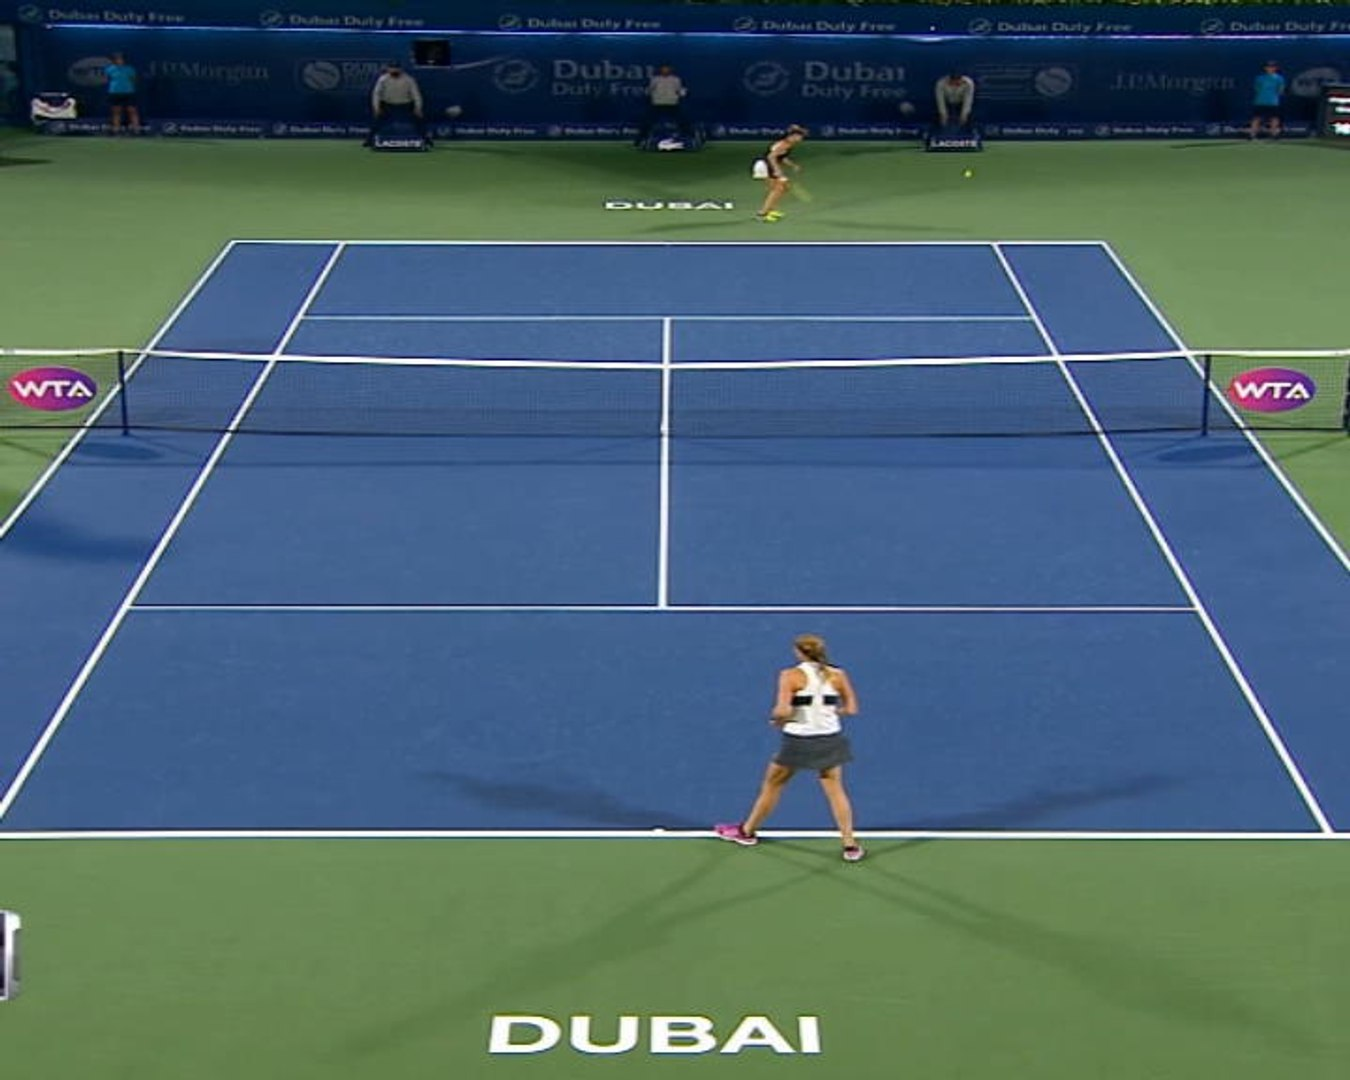 تنس: بطولة دبي للتنس: بنشيتش تحصد بطولة دبي للتنس بعد تغلّبها على كفيتوفا